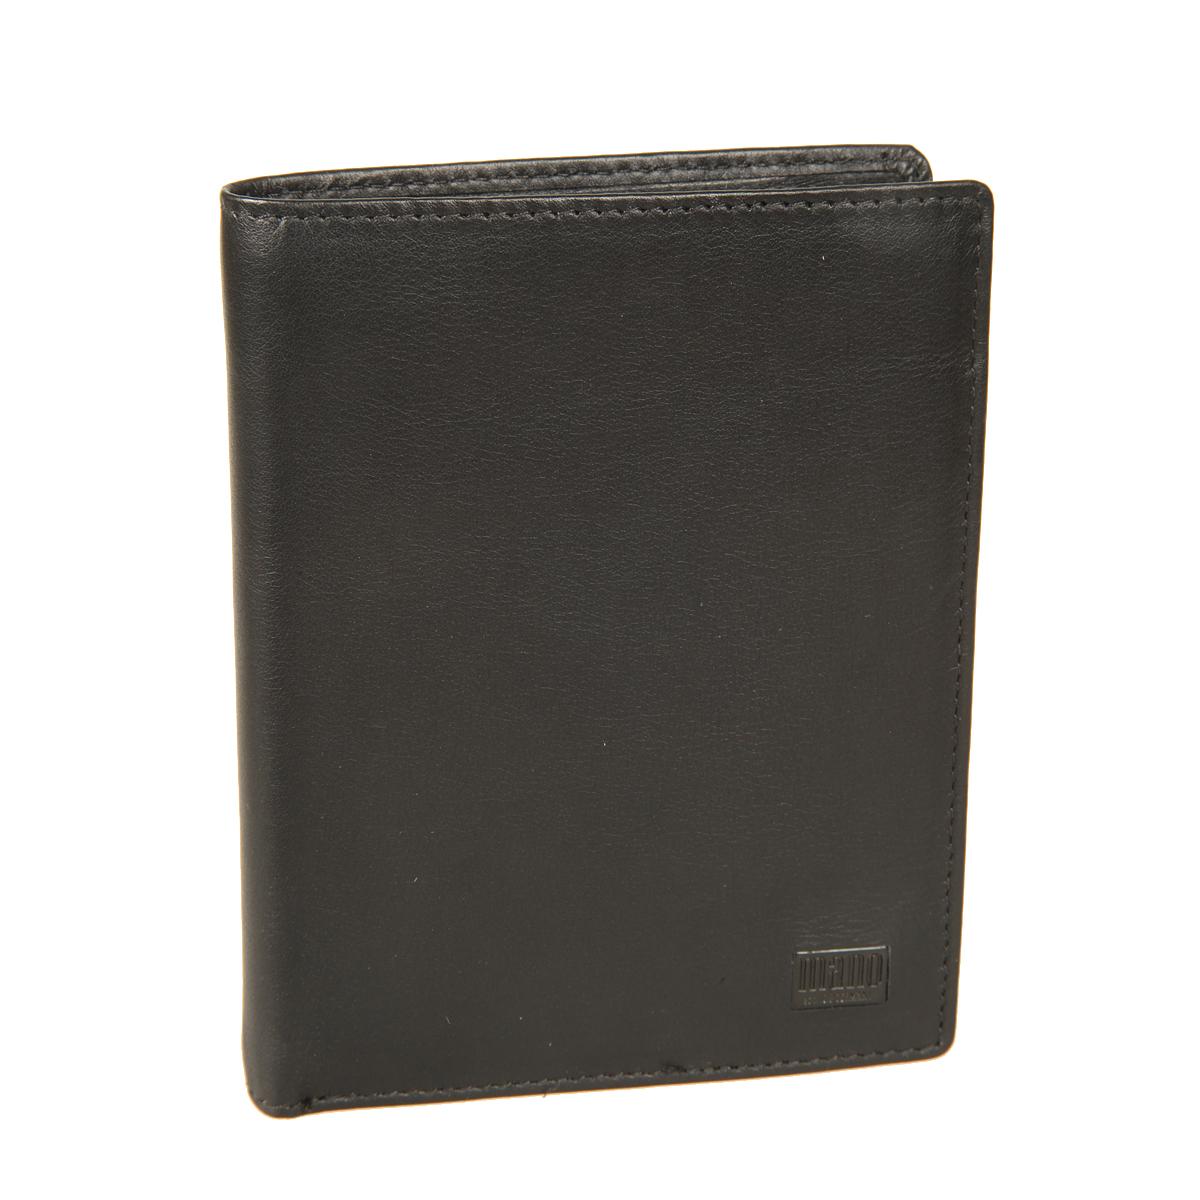 Портмоне мужское Mano, цвет: черный. 1915919159 certo blackСтильное мужское портмоне Mano выполнено из натуральной кожи и оформлено не большой пластинкой с логотипом бренда. Внутри два отдела для купюр, отдел для мелочи с клапаном на кнопке, пять потайных карманов, восемь кармашков для пластиковых карт и один карман с сетчатой вставкой. Портмоне имеет Protect Pocket - защитный карман от считывания карты. Модель упакована в фирменную картонную коробку.